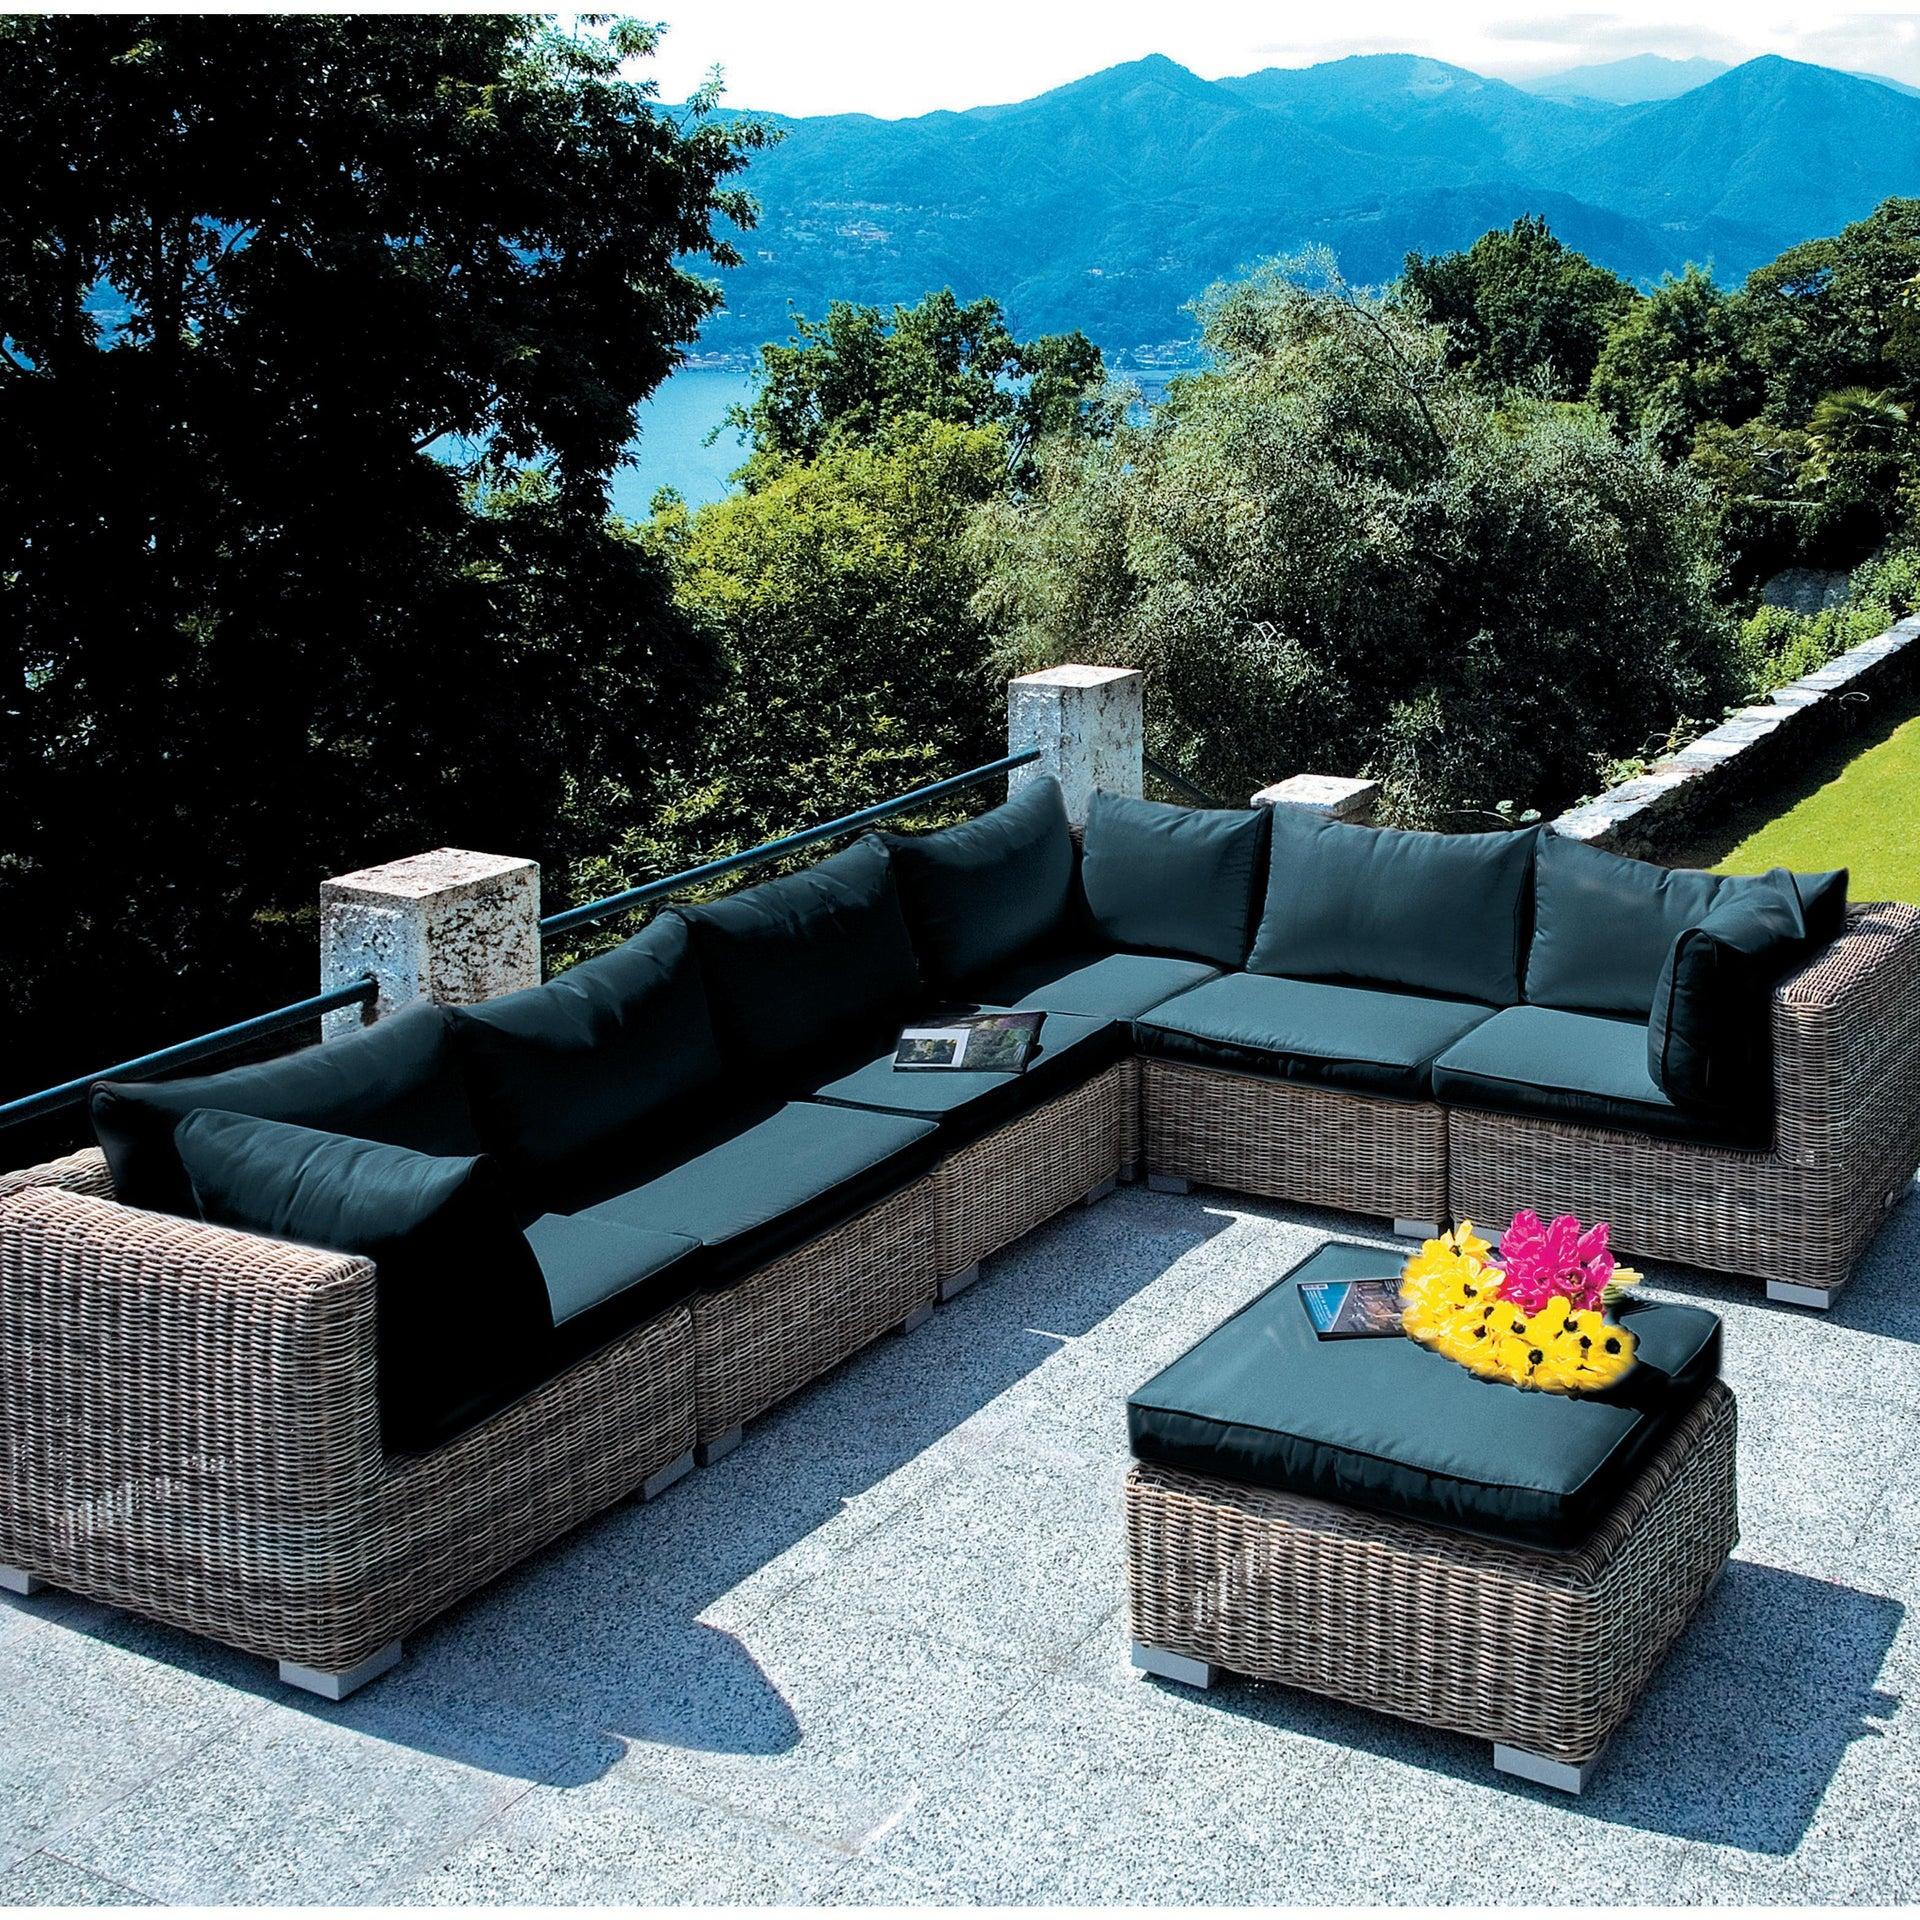 Poltrona da giardino con cuscino in rattan sintetico Antigua colore antracite - 2